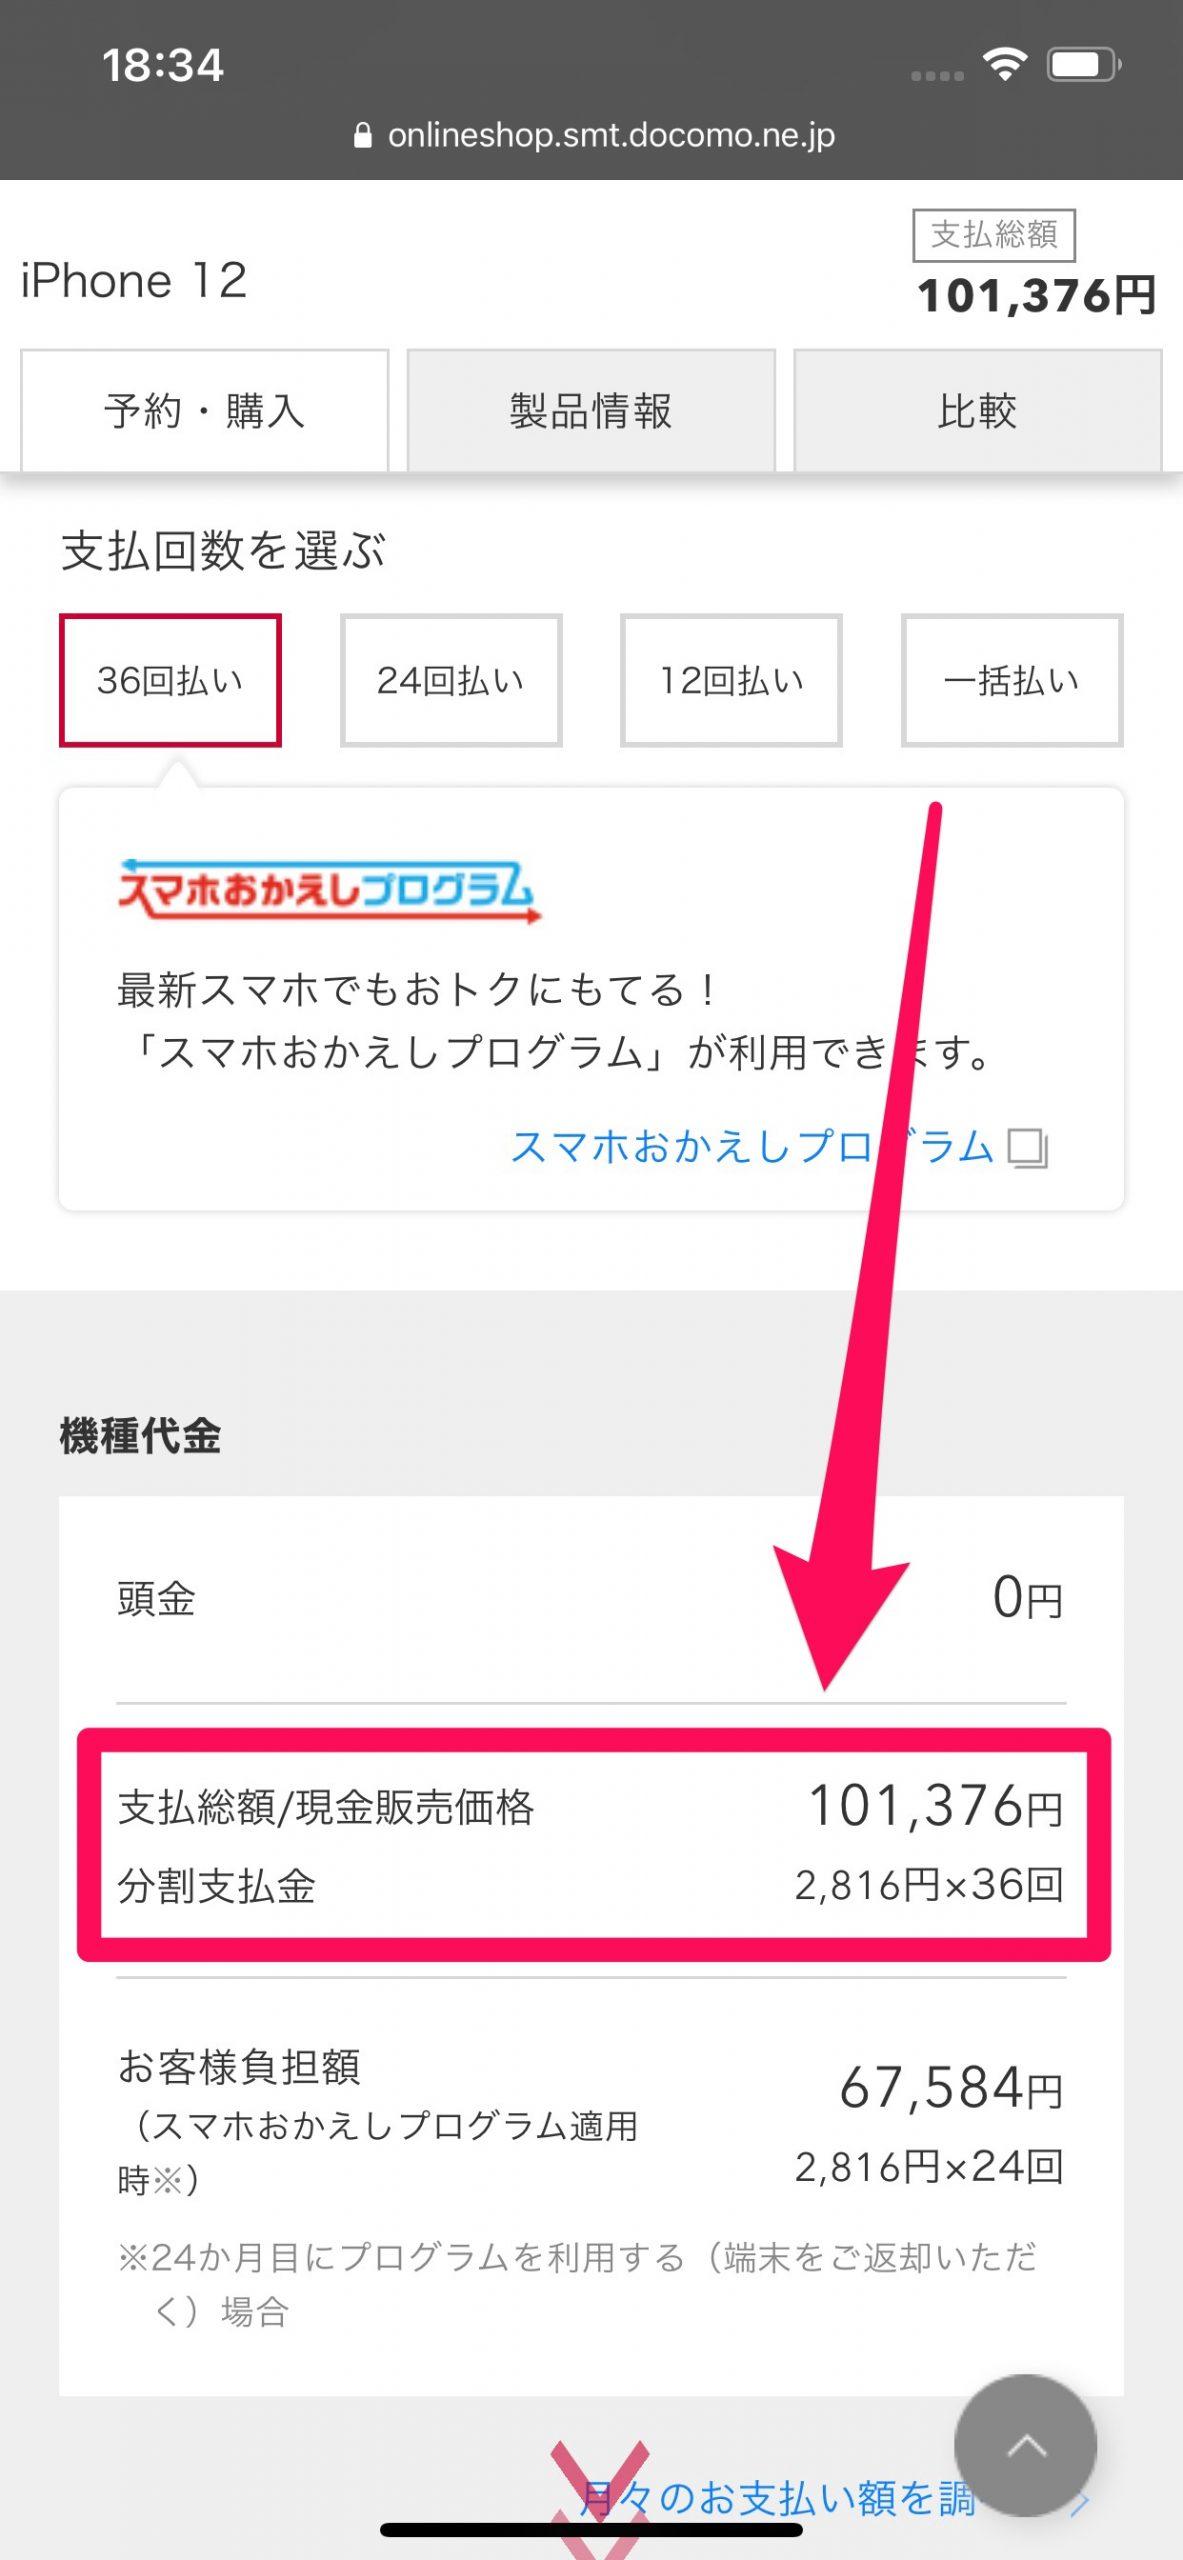 ドコモのiPhone 12購入画面2